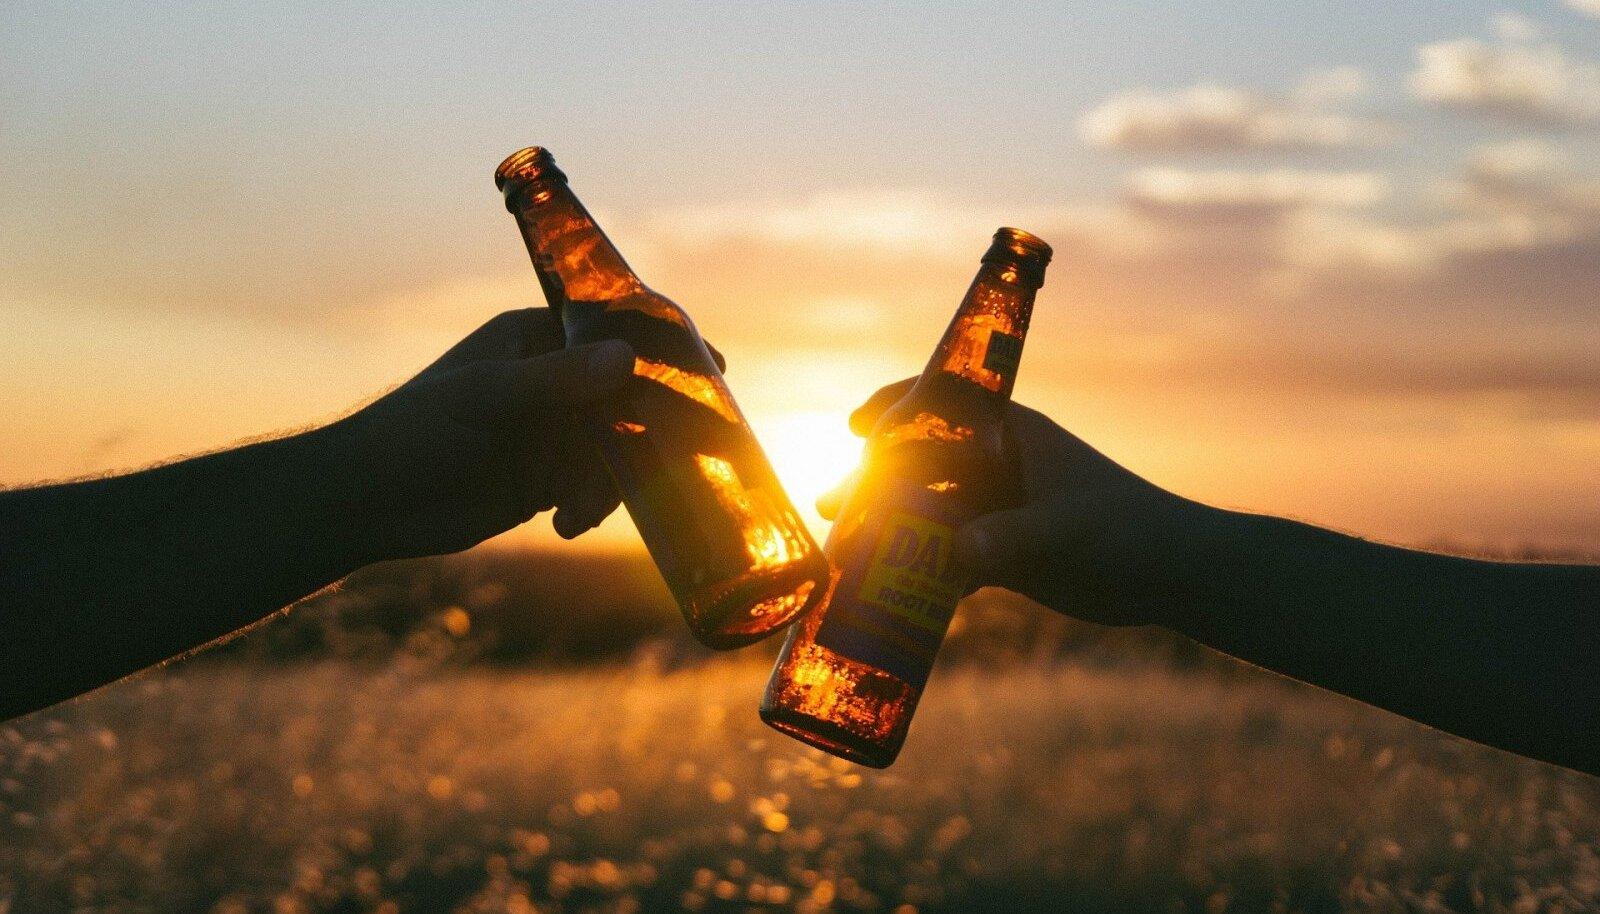 Õlles on palju antioksüdante, mis aitavad põletike vastu, mis on pikamaa aladel eriti tihedad ja tavalised.